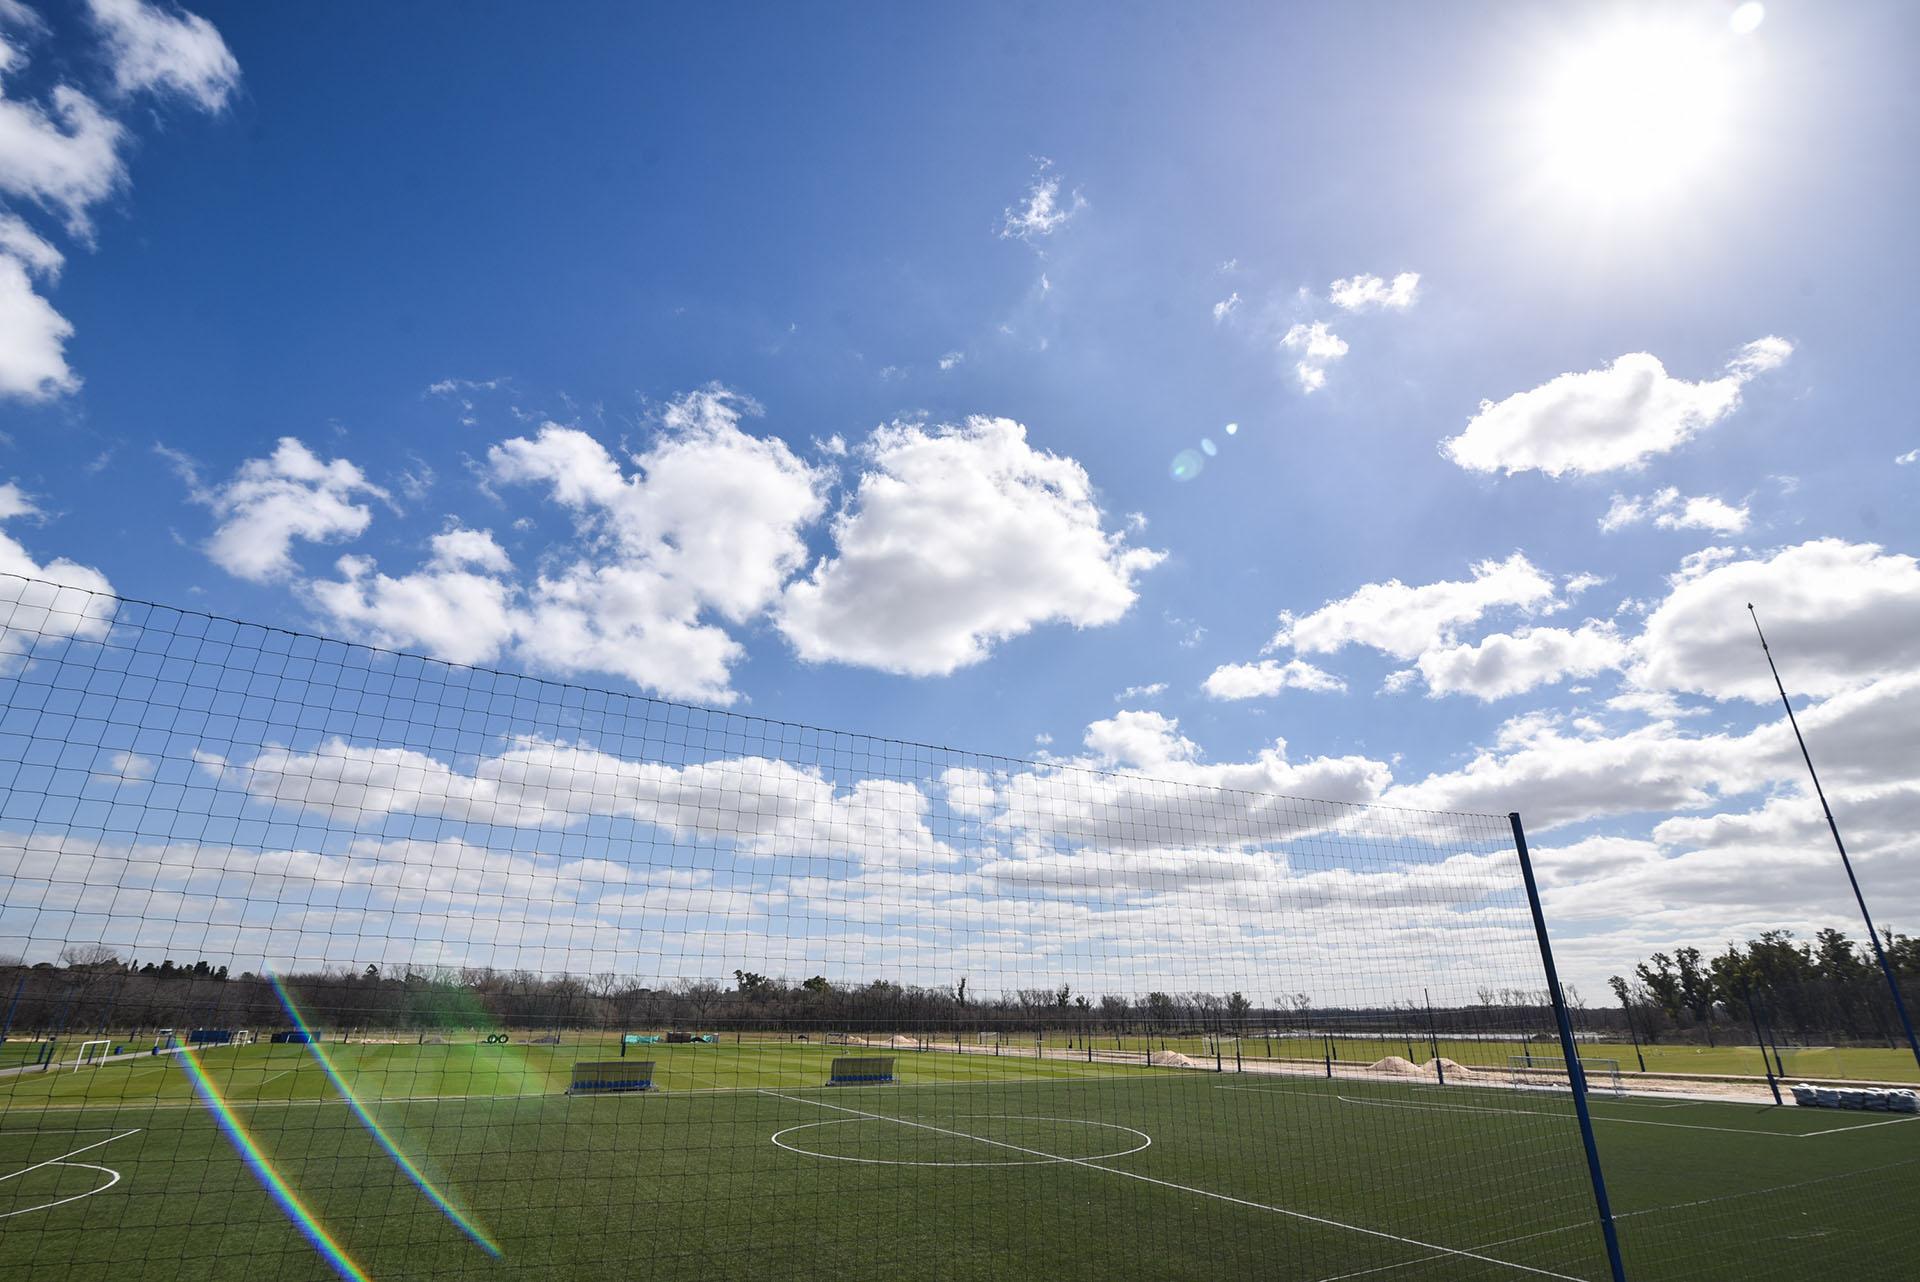 La dirigencia proyecta la confección de un ala paralela para el fútbol profesional: contará con tres canchas con césped natural y una de césped artificial cubierta (Guille Llamos)